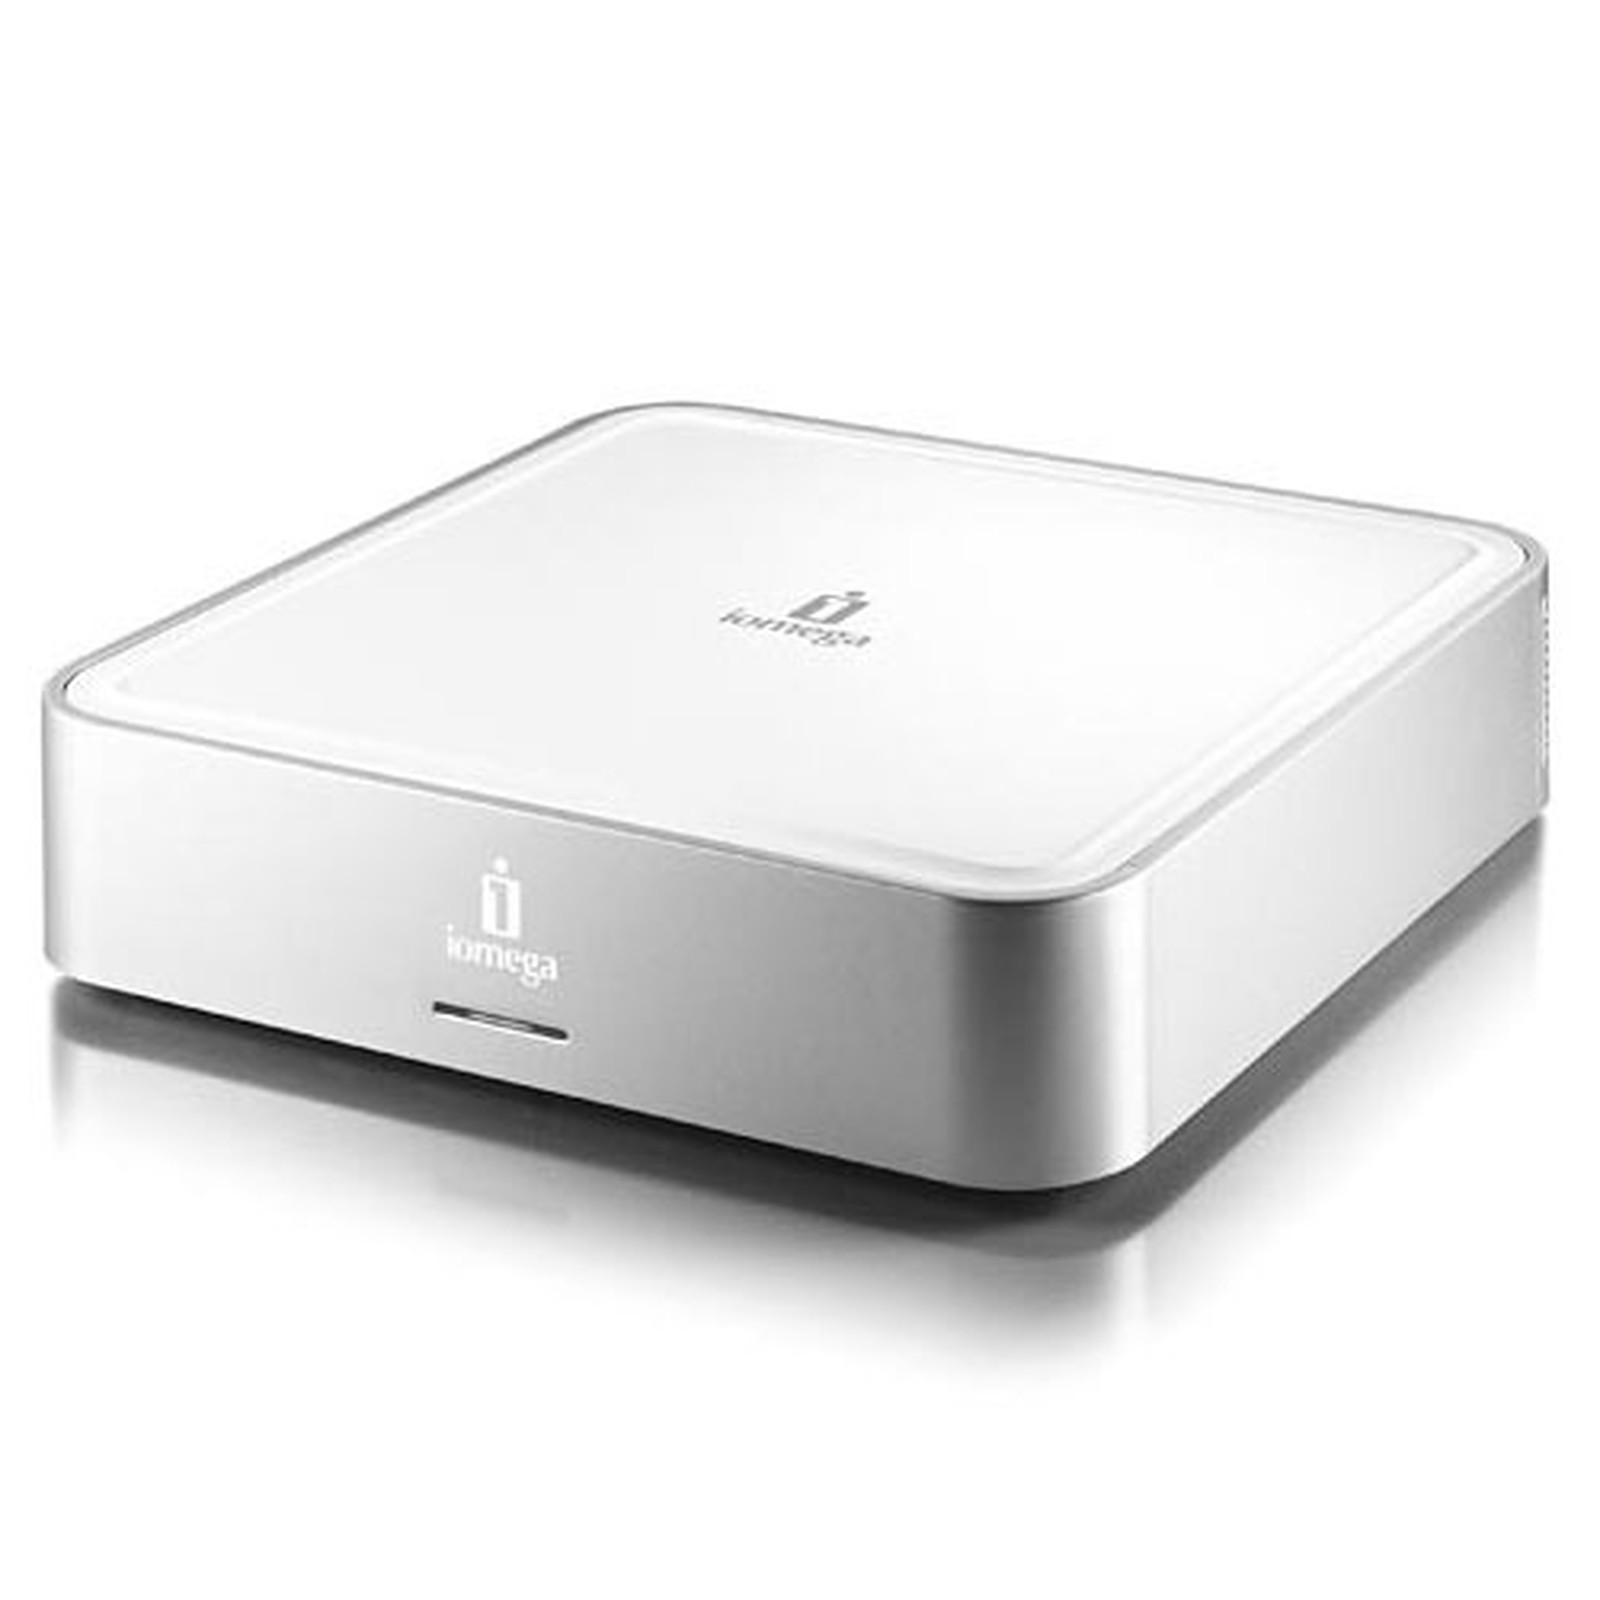 Iomega MiniMax Desktop Hard Drive 2 To (USB 2.0/FireWire 800)